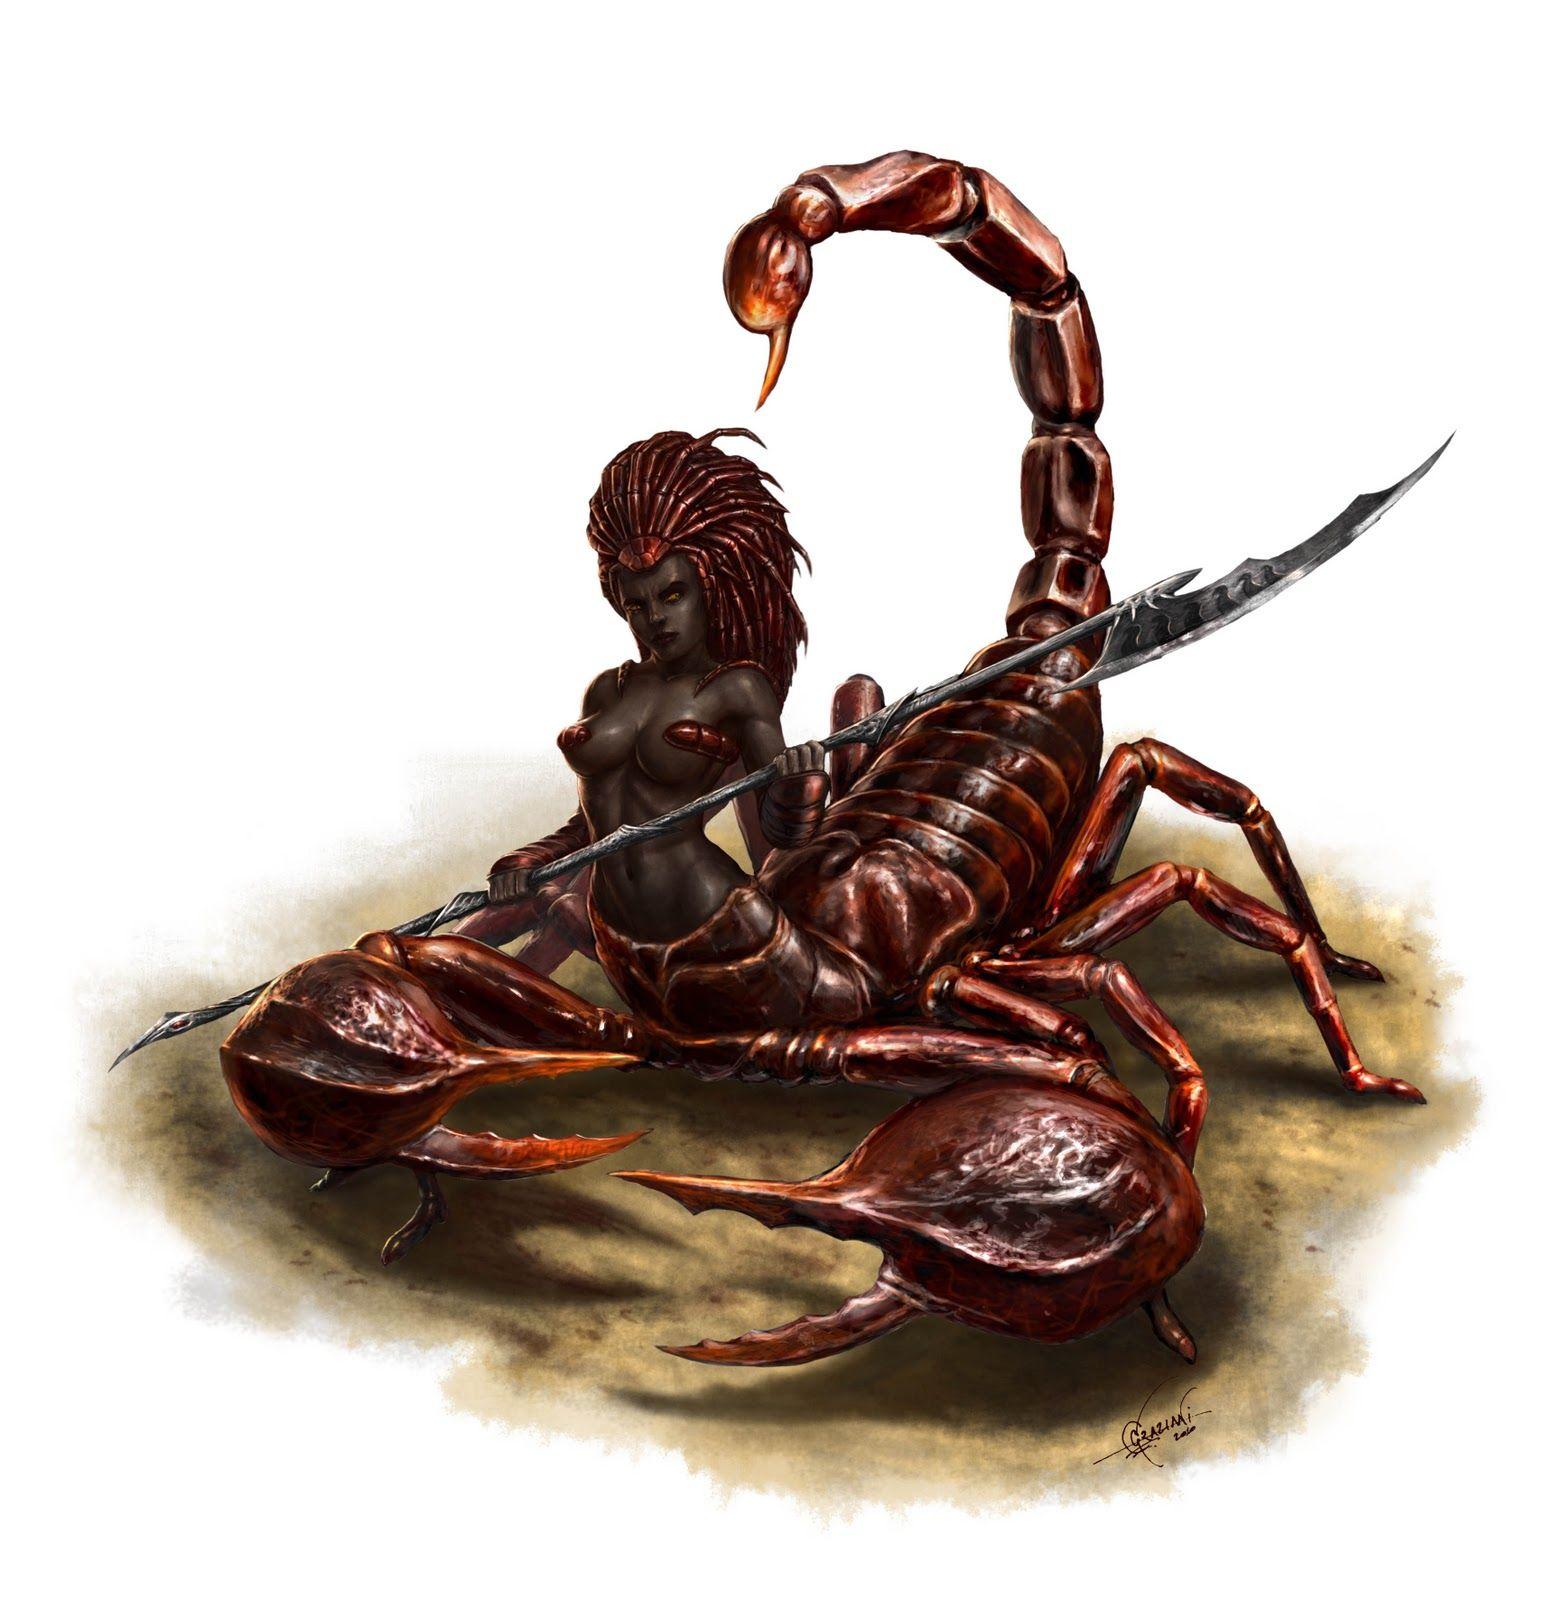 отличаются картинки скорпионов арт чтобы поделка получилась